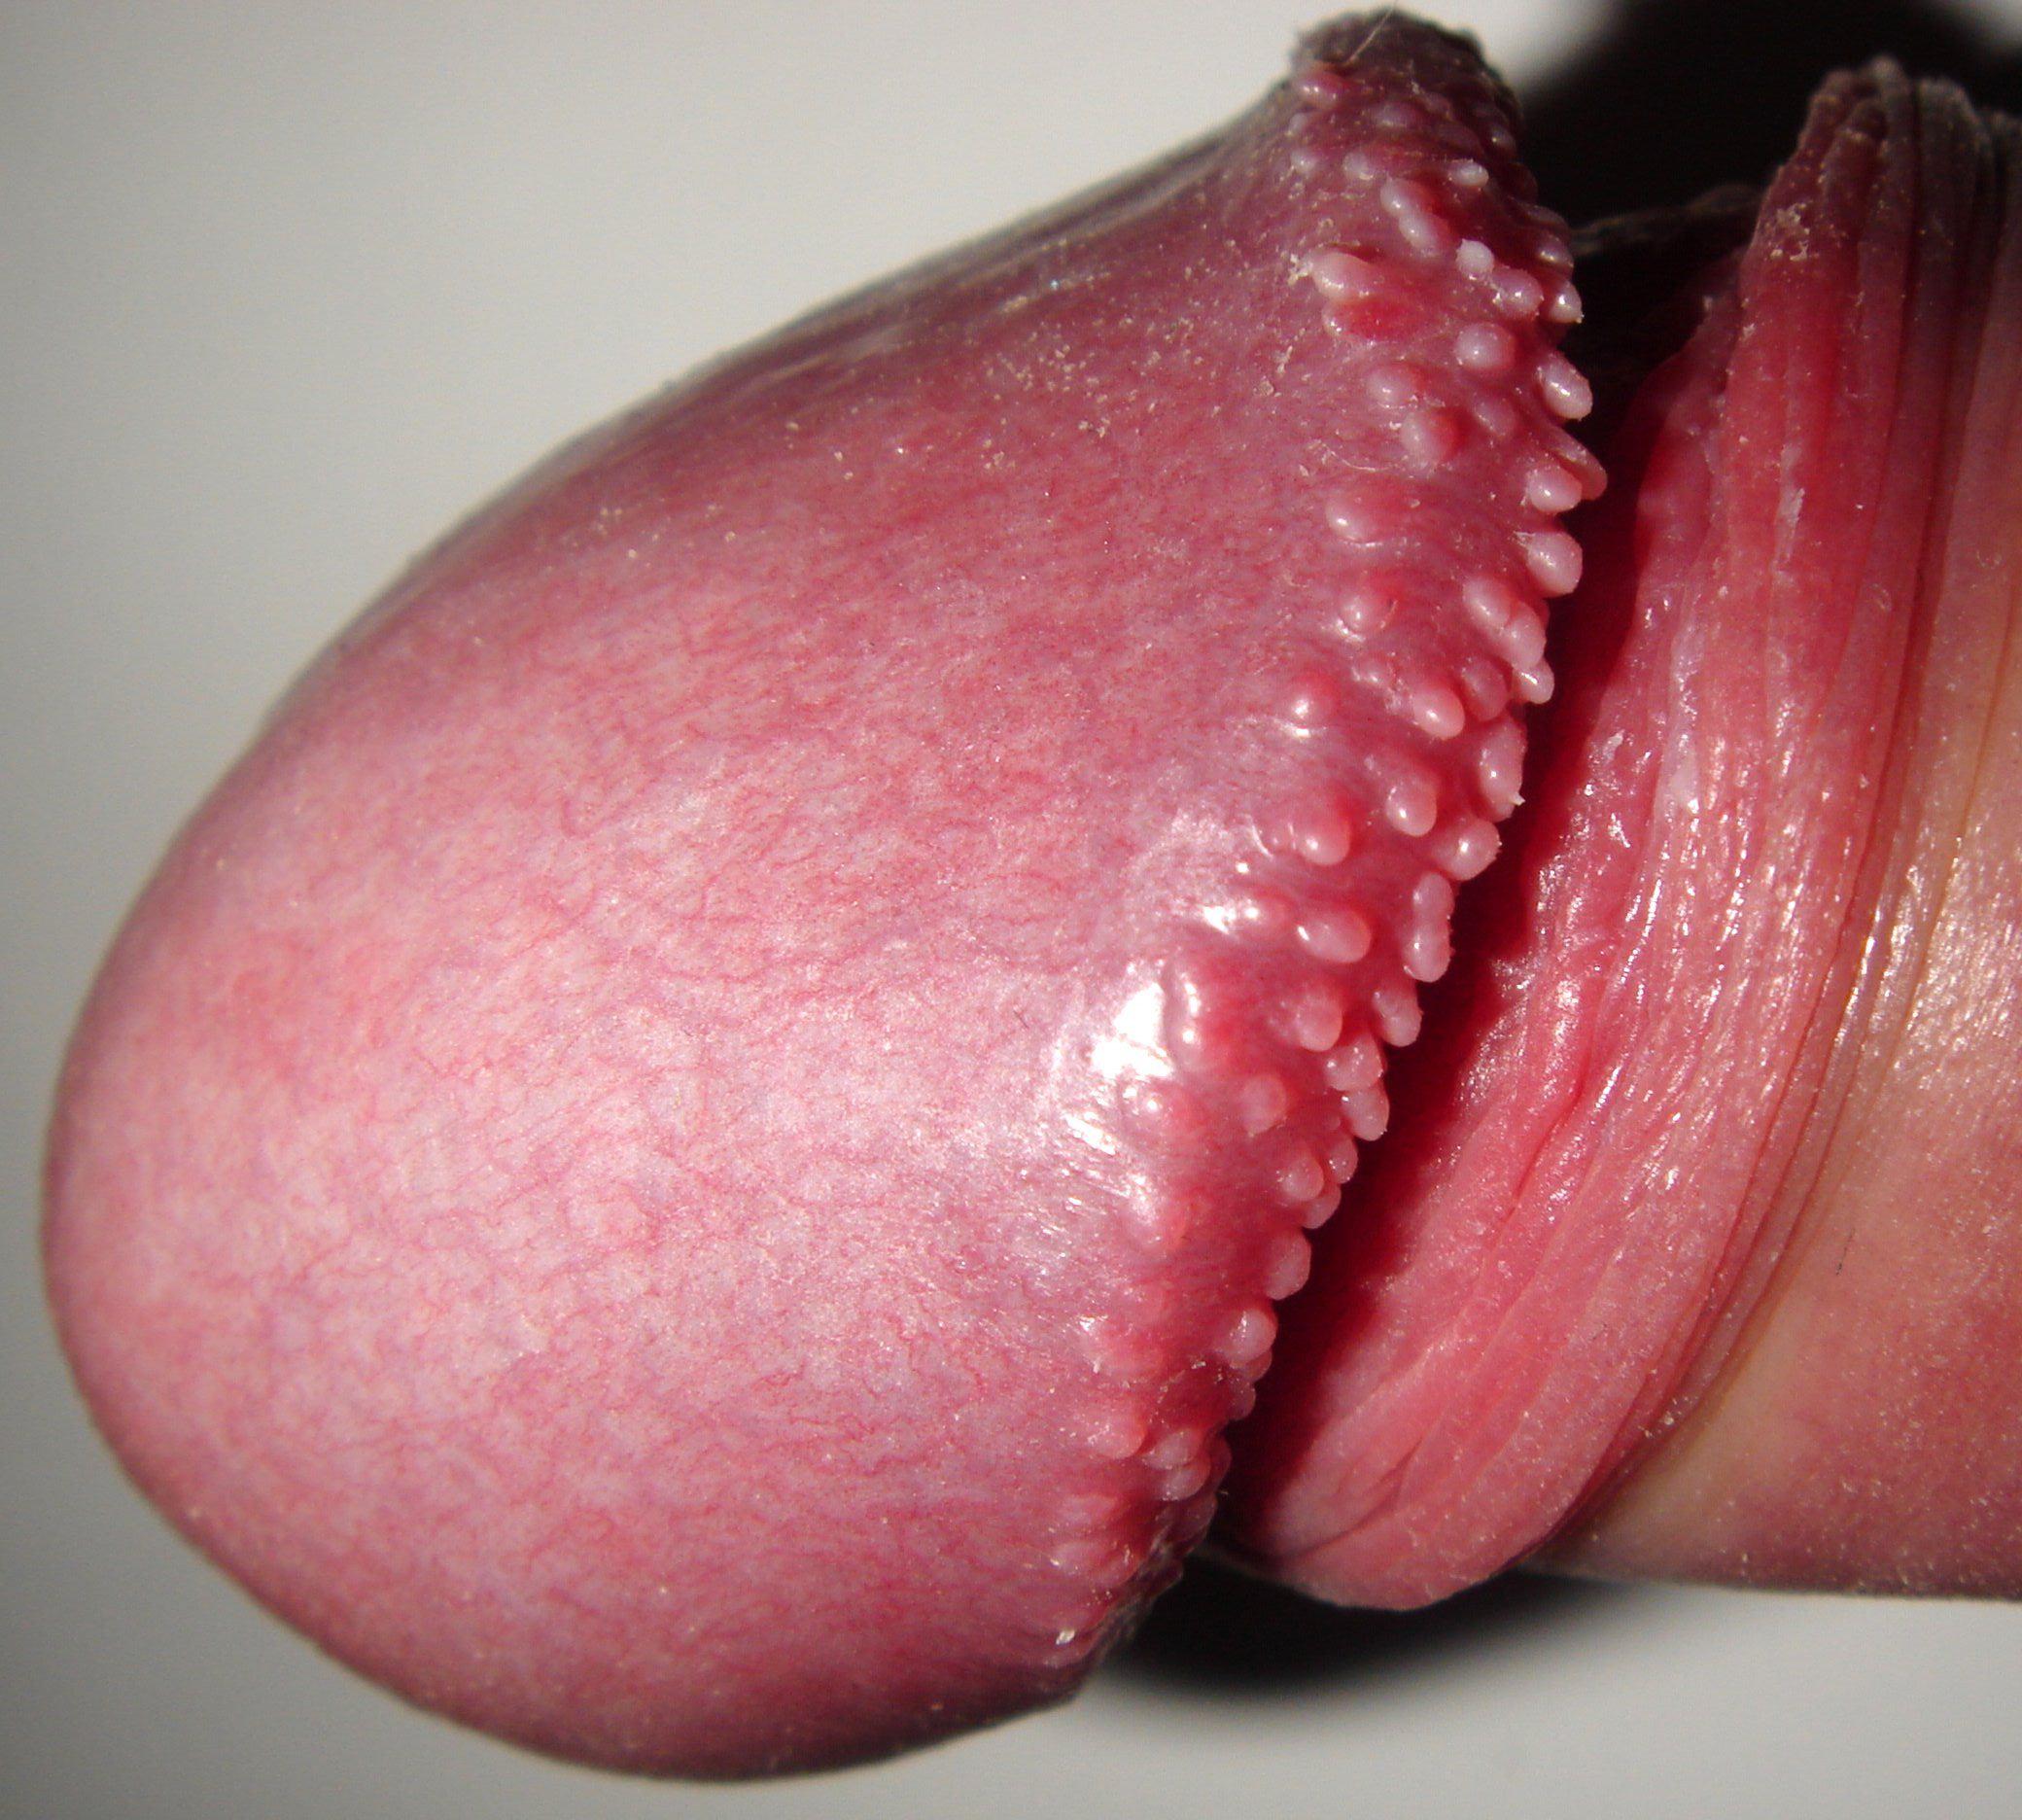 albendazol oxiurius virus del papiloma humano imagenes en la mujer